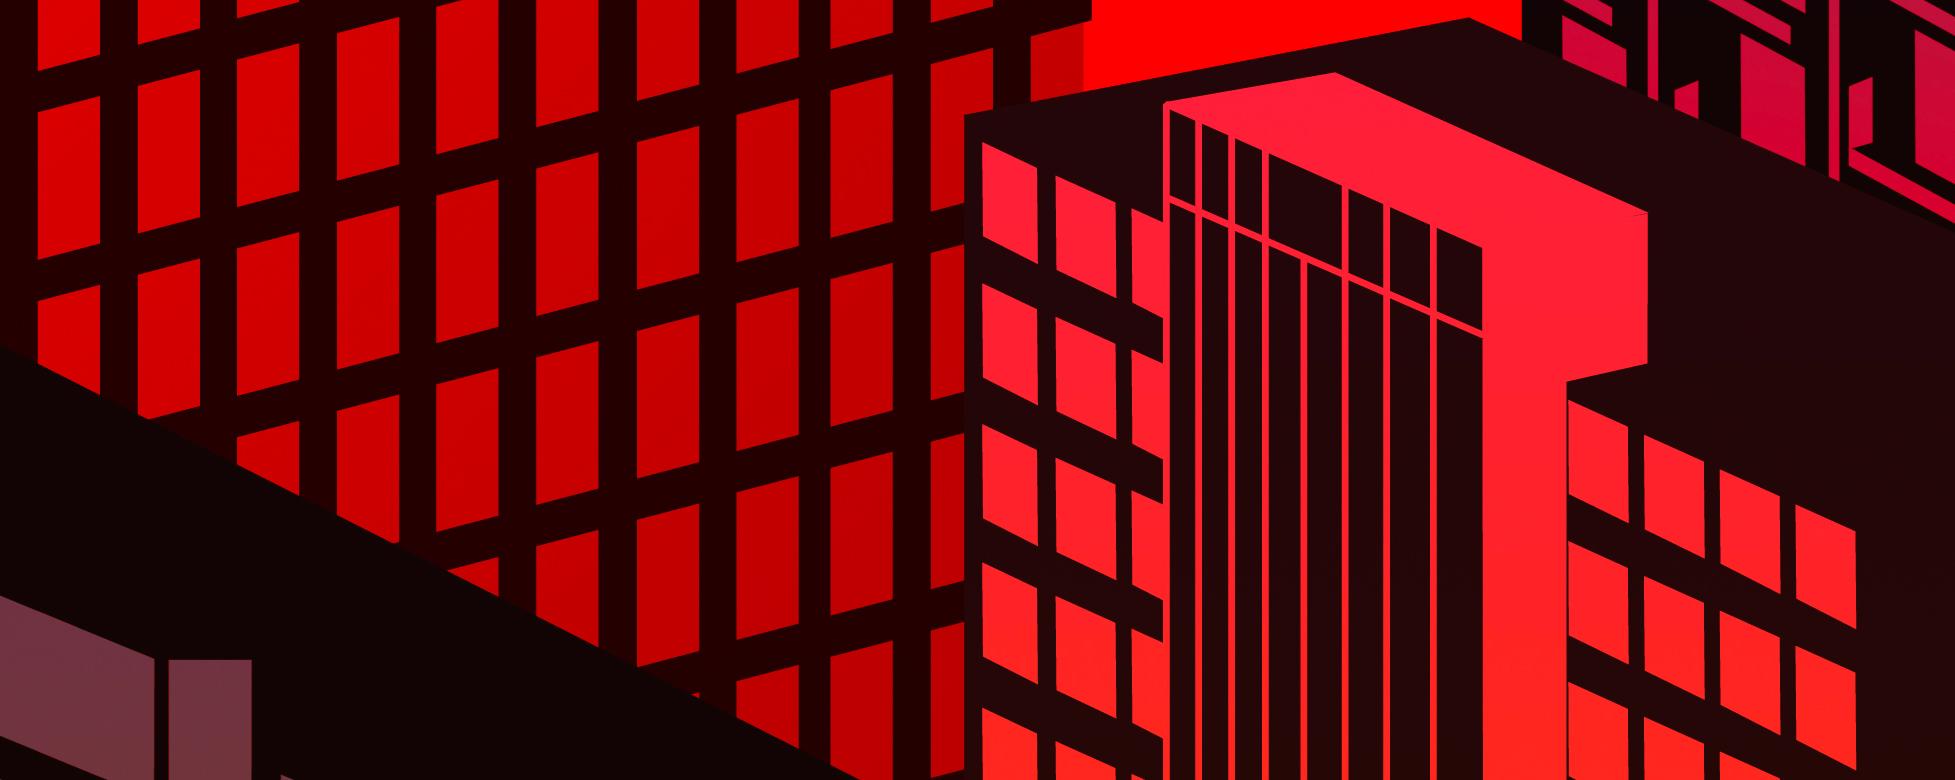 Buildings_01.jpg